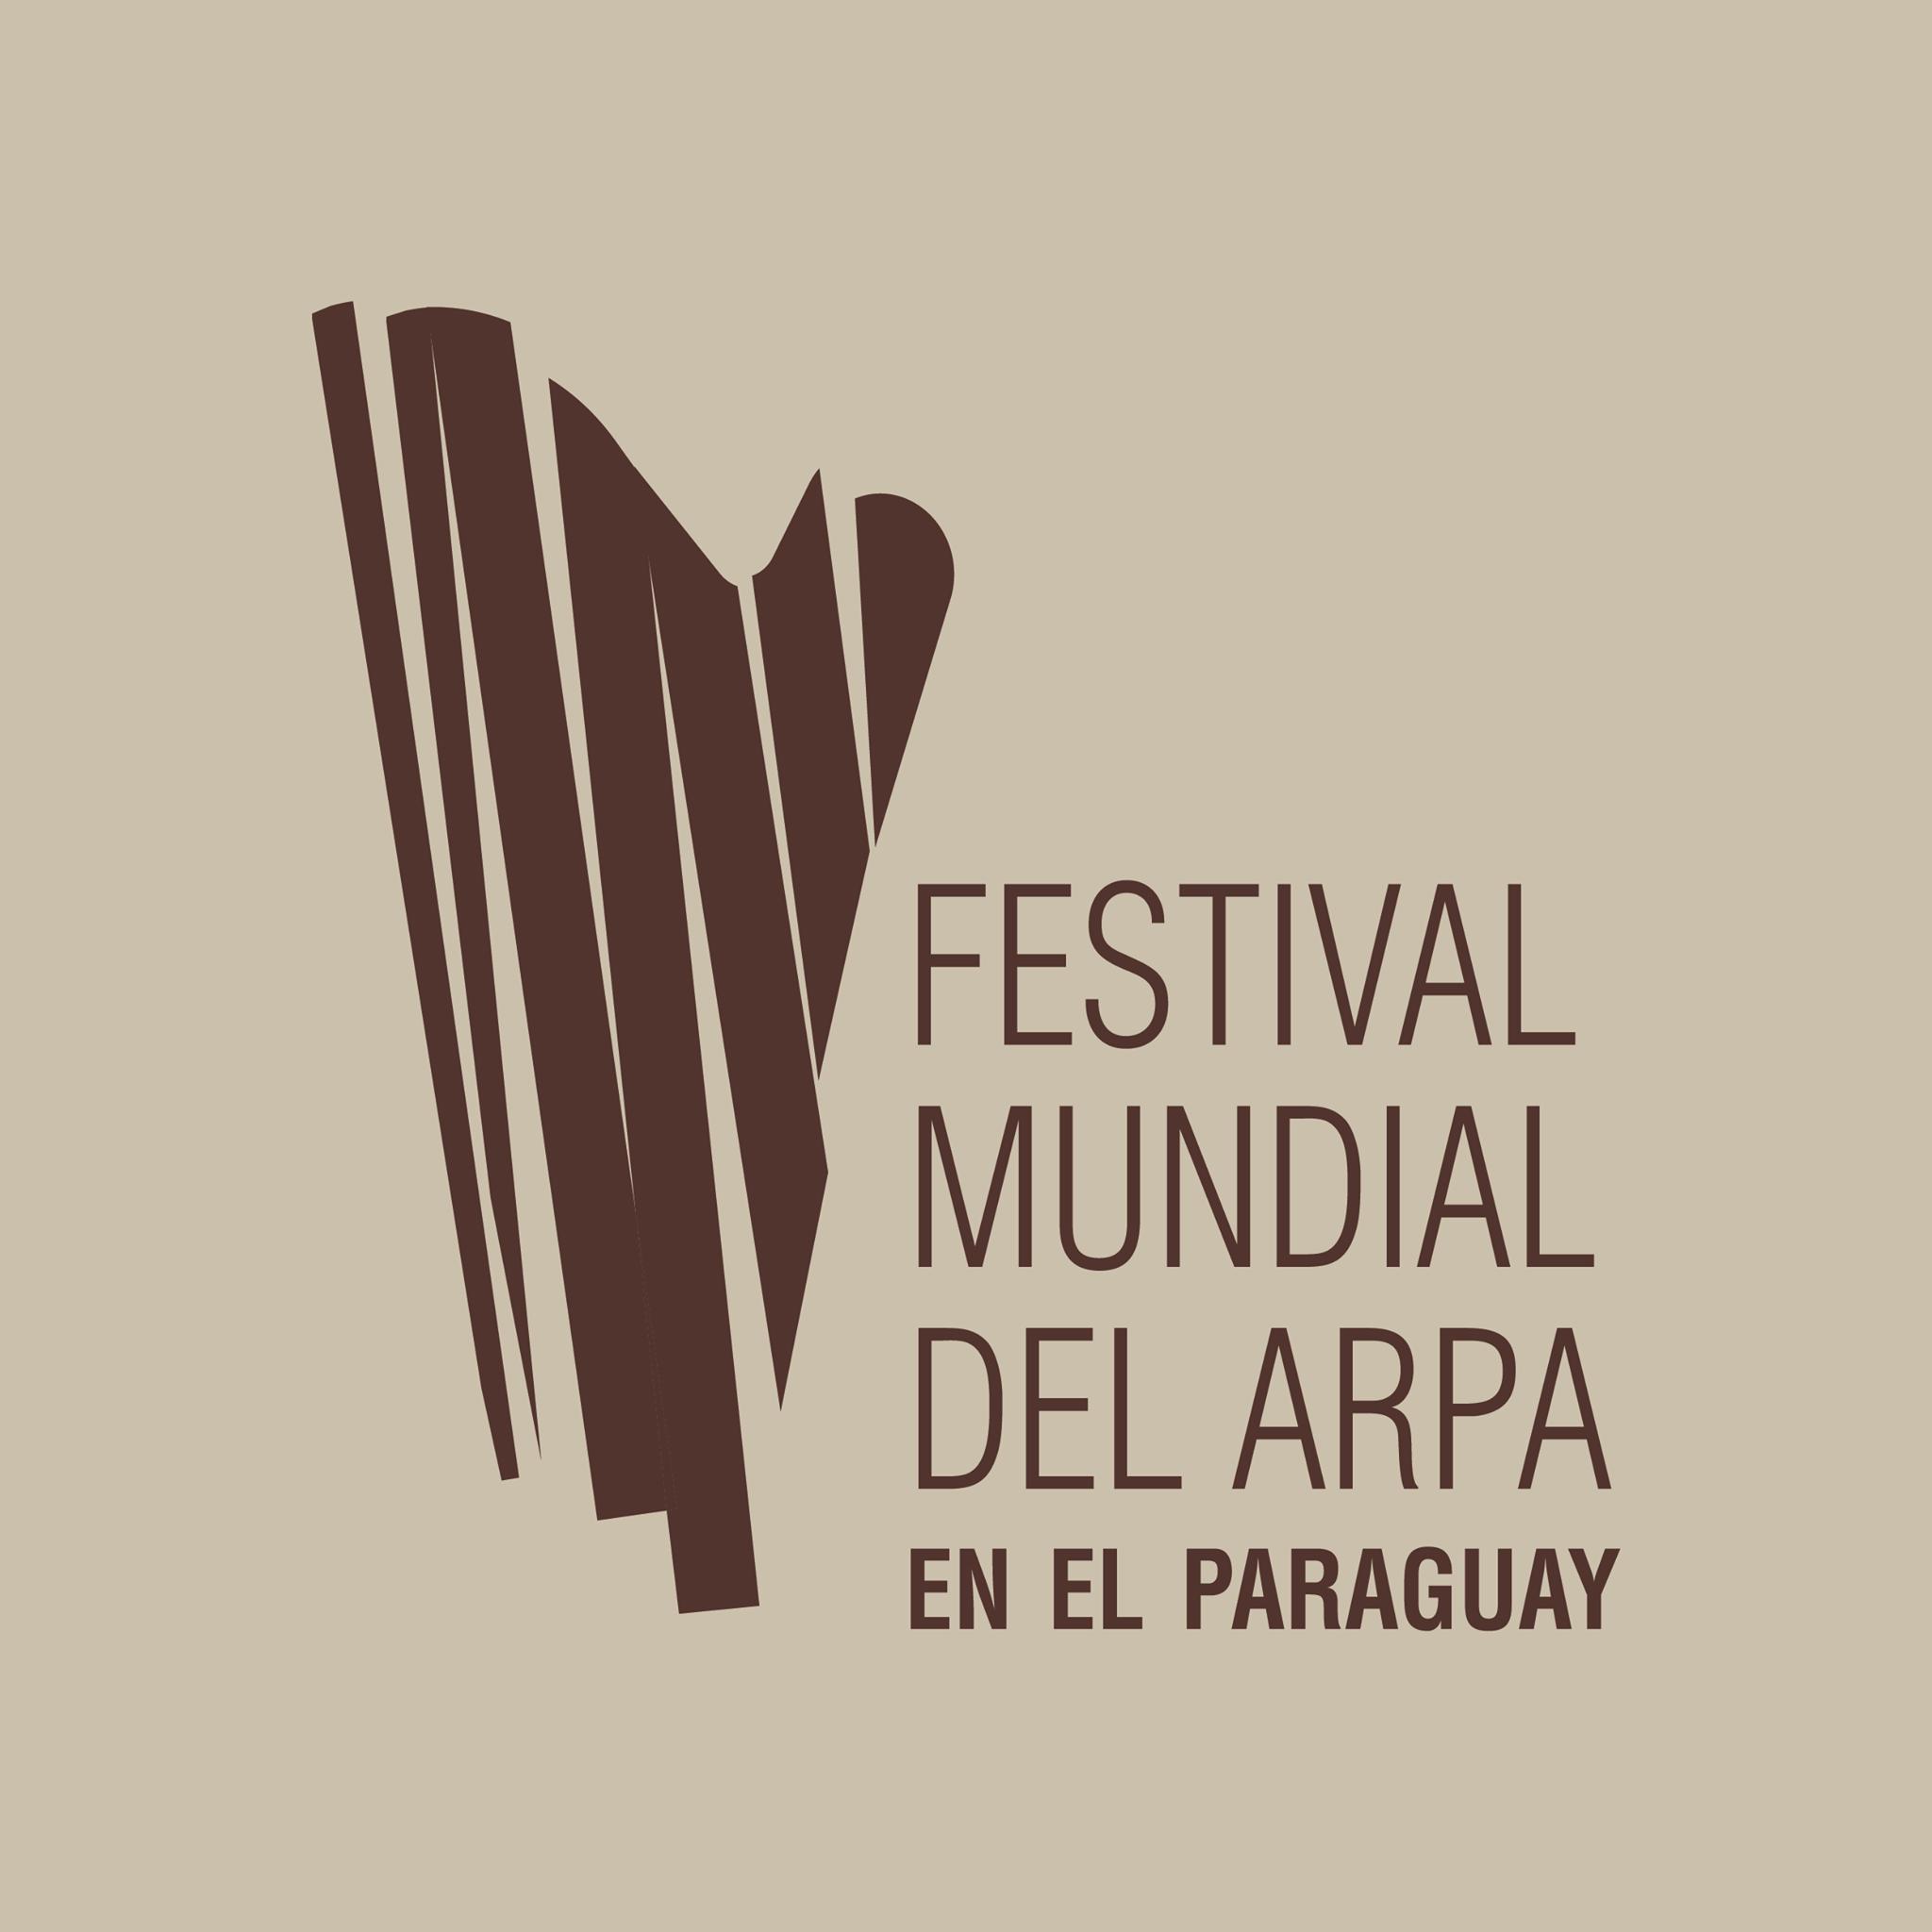 El XIII Festival Mundial del Arpa en el Paraguay será exclusivamente con artistas nacionales imagen